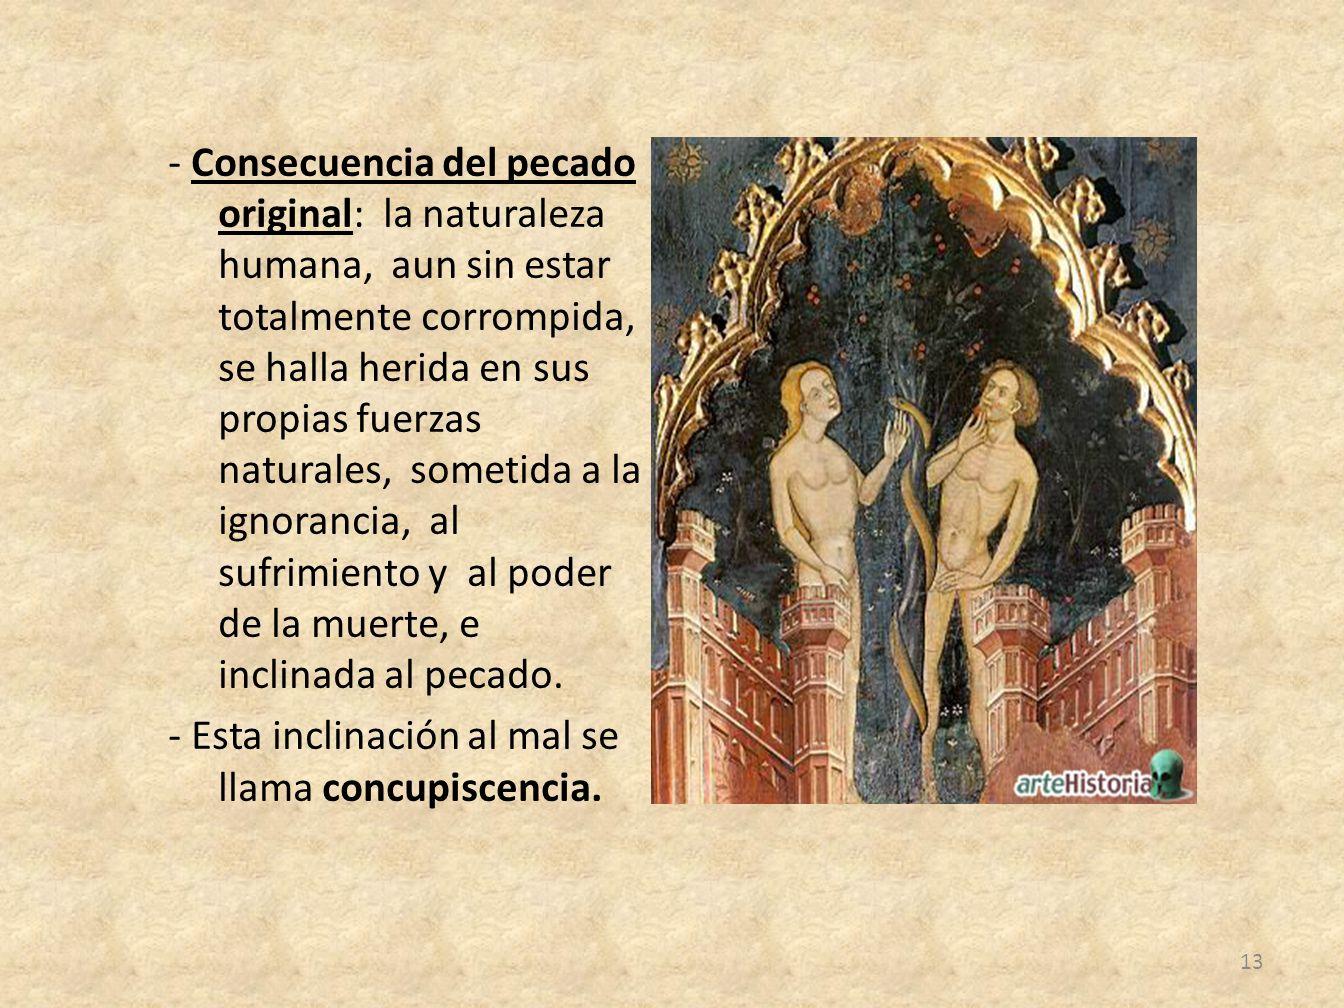 - Consecuencia del pecado original: la naturaleza humana, aun sin estar totalmente corrompida, se halla herida en sus propias fuerzas naturales, somet